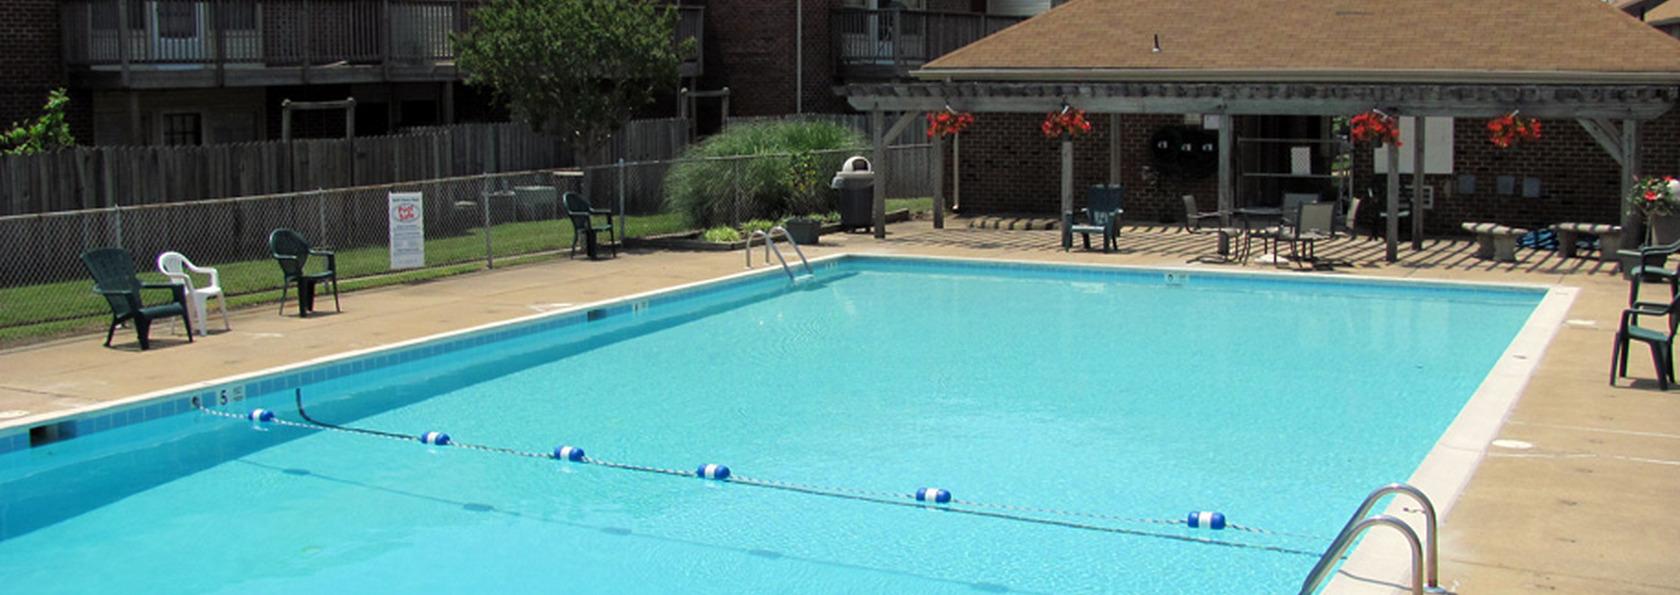 Merveilleux Johns Creek Apartments In Hampton, VA